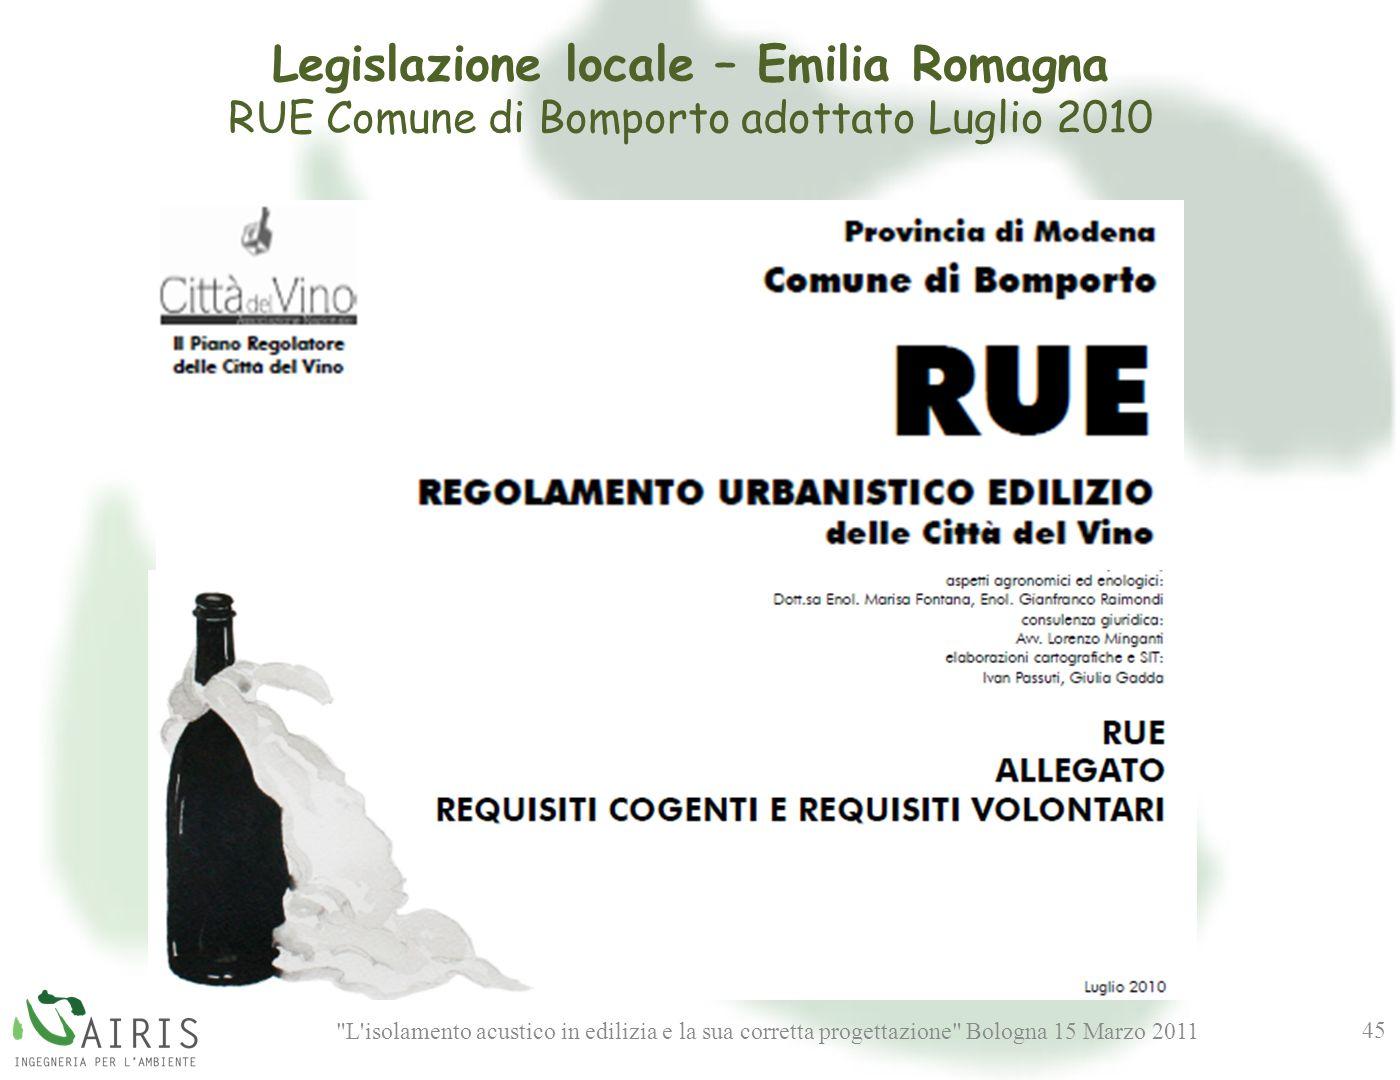 L isolamento acustico in edilizia e la sua corretta progettazione Bologna 15 Marzo 2011 45 Legislazione locale – Emilia Romagna RUE Comune di Bomporto adottato Luglio 2010